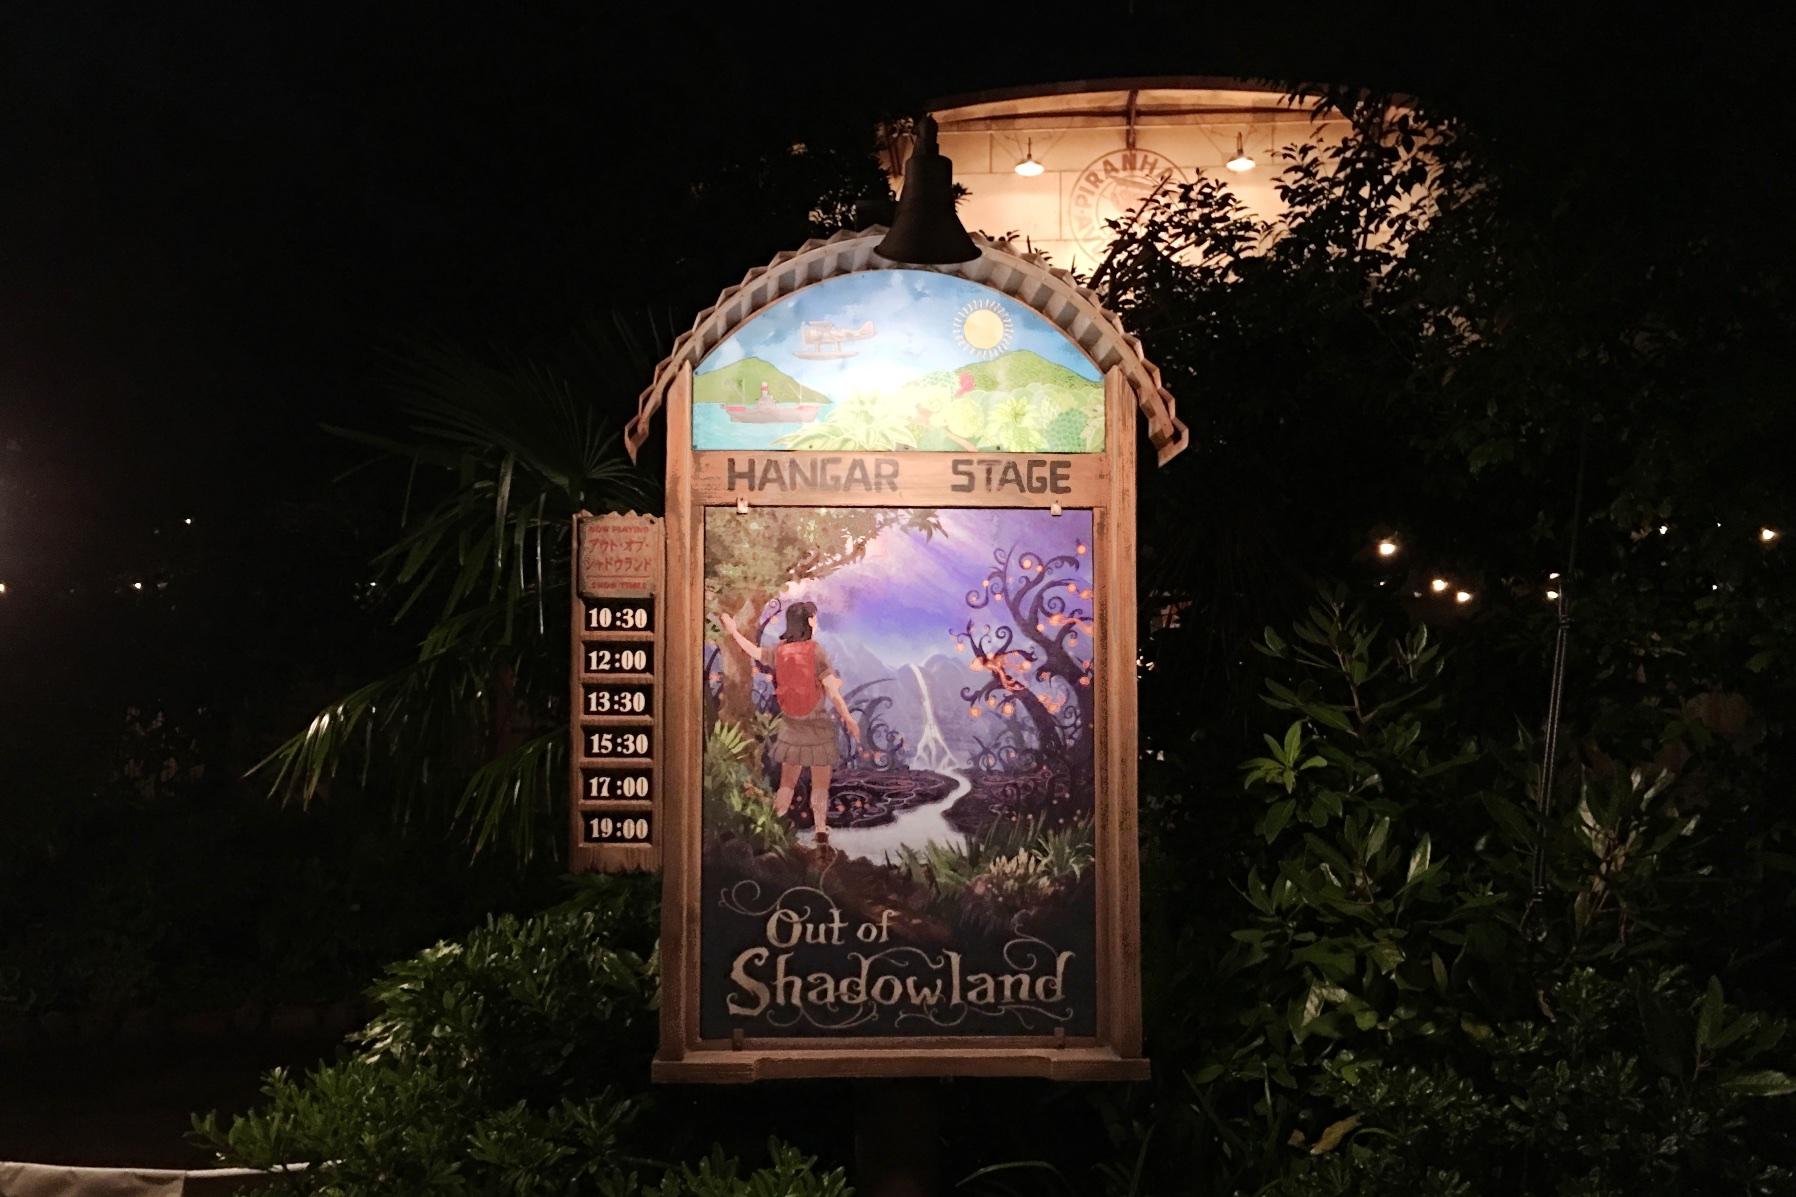 【感想】東京ディズニーシーの新ミュージカル「アウト・オブ・シャドウランド」の幻想的な世界観がすごい!(ネタバレ注意)